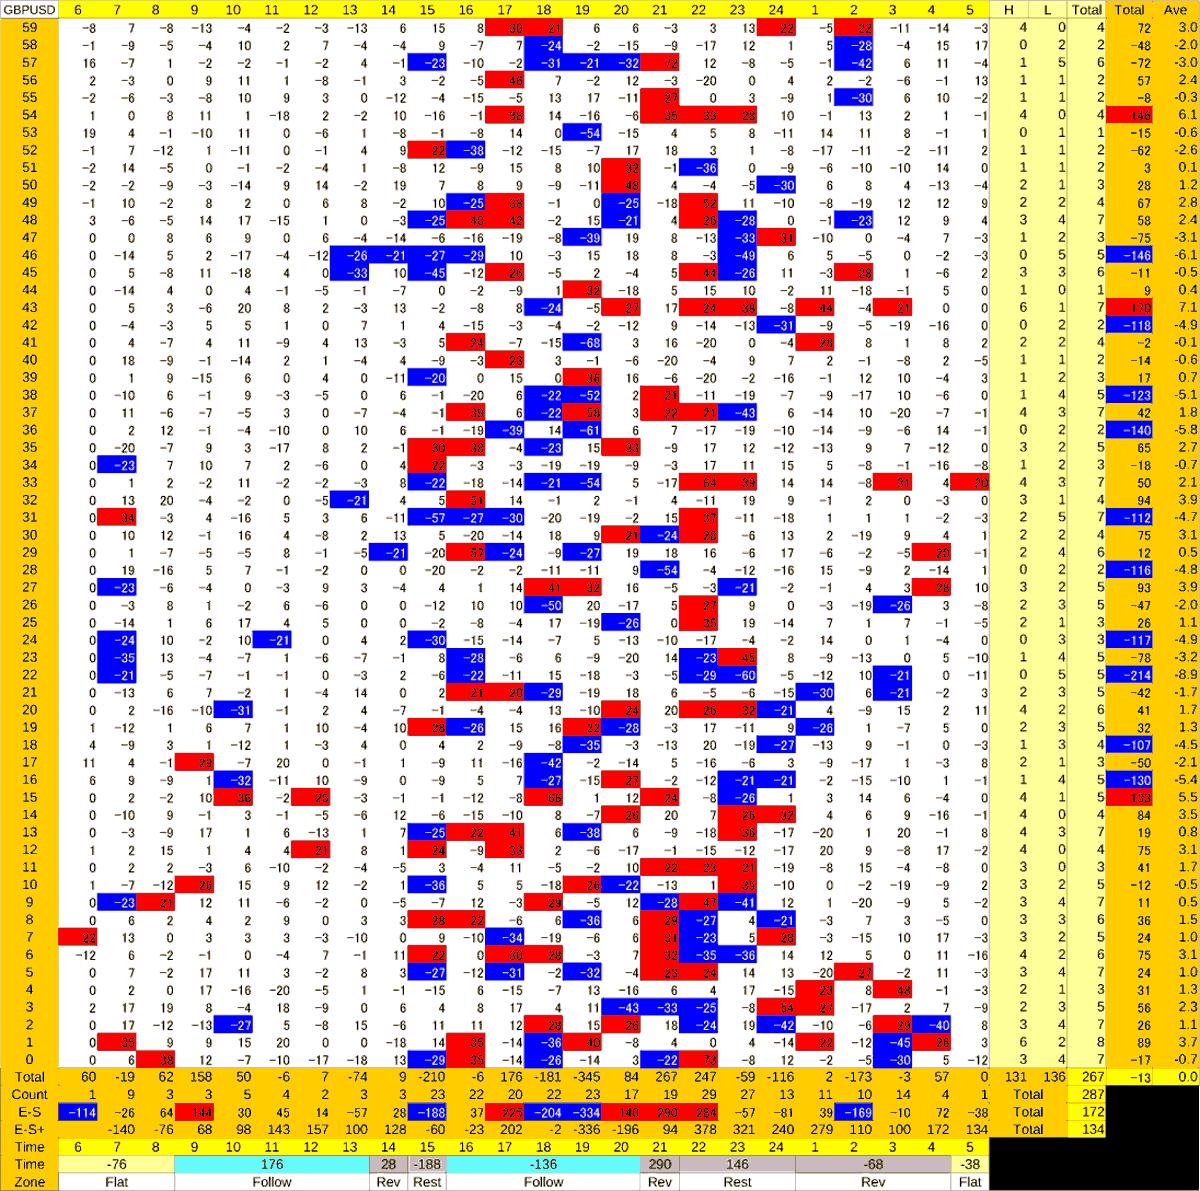 20200810_HS(2)GBPUSD